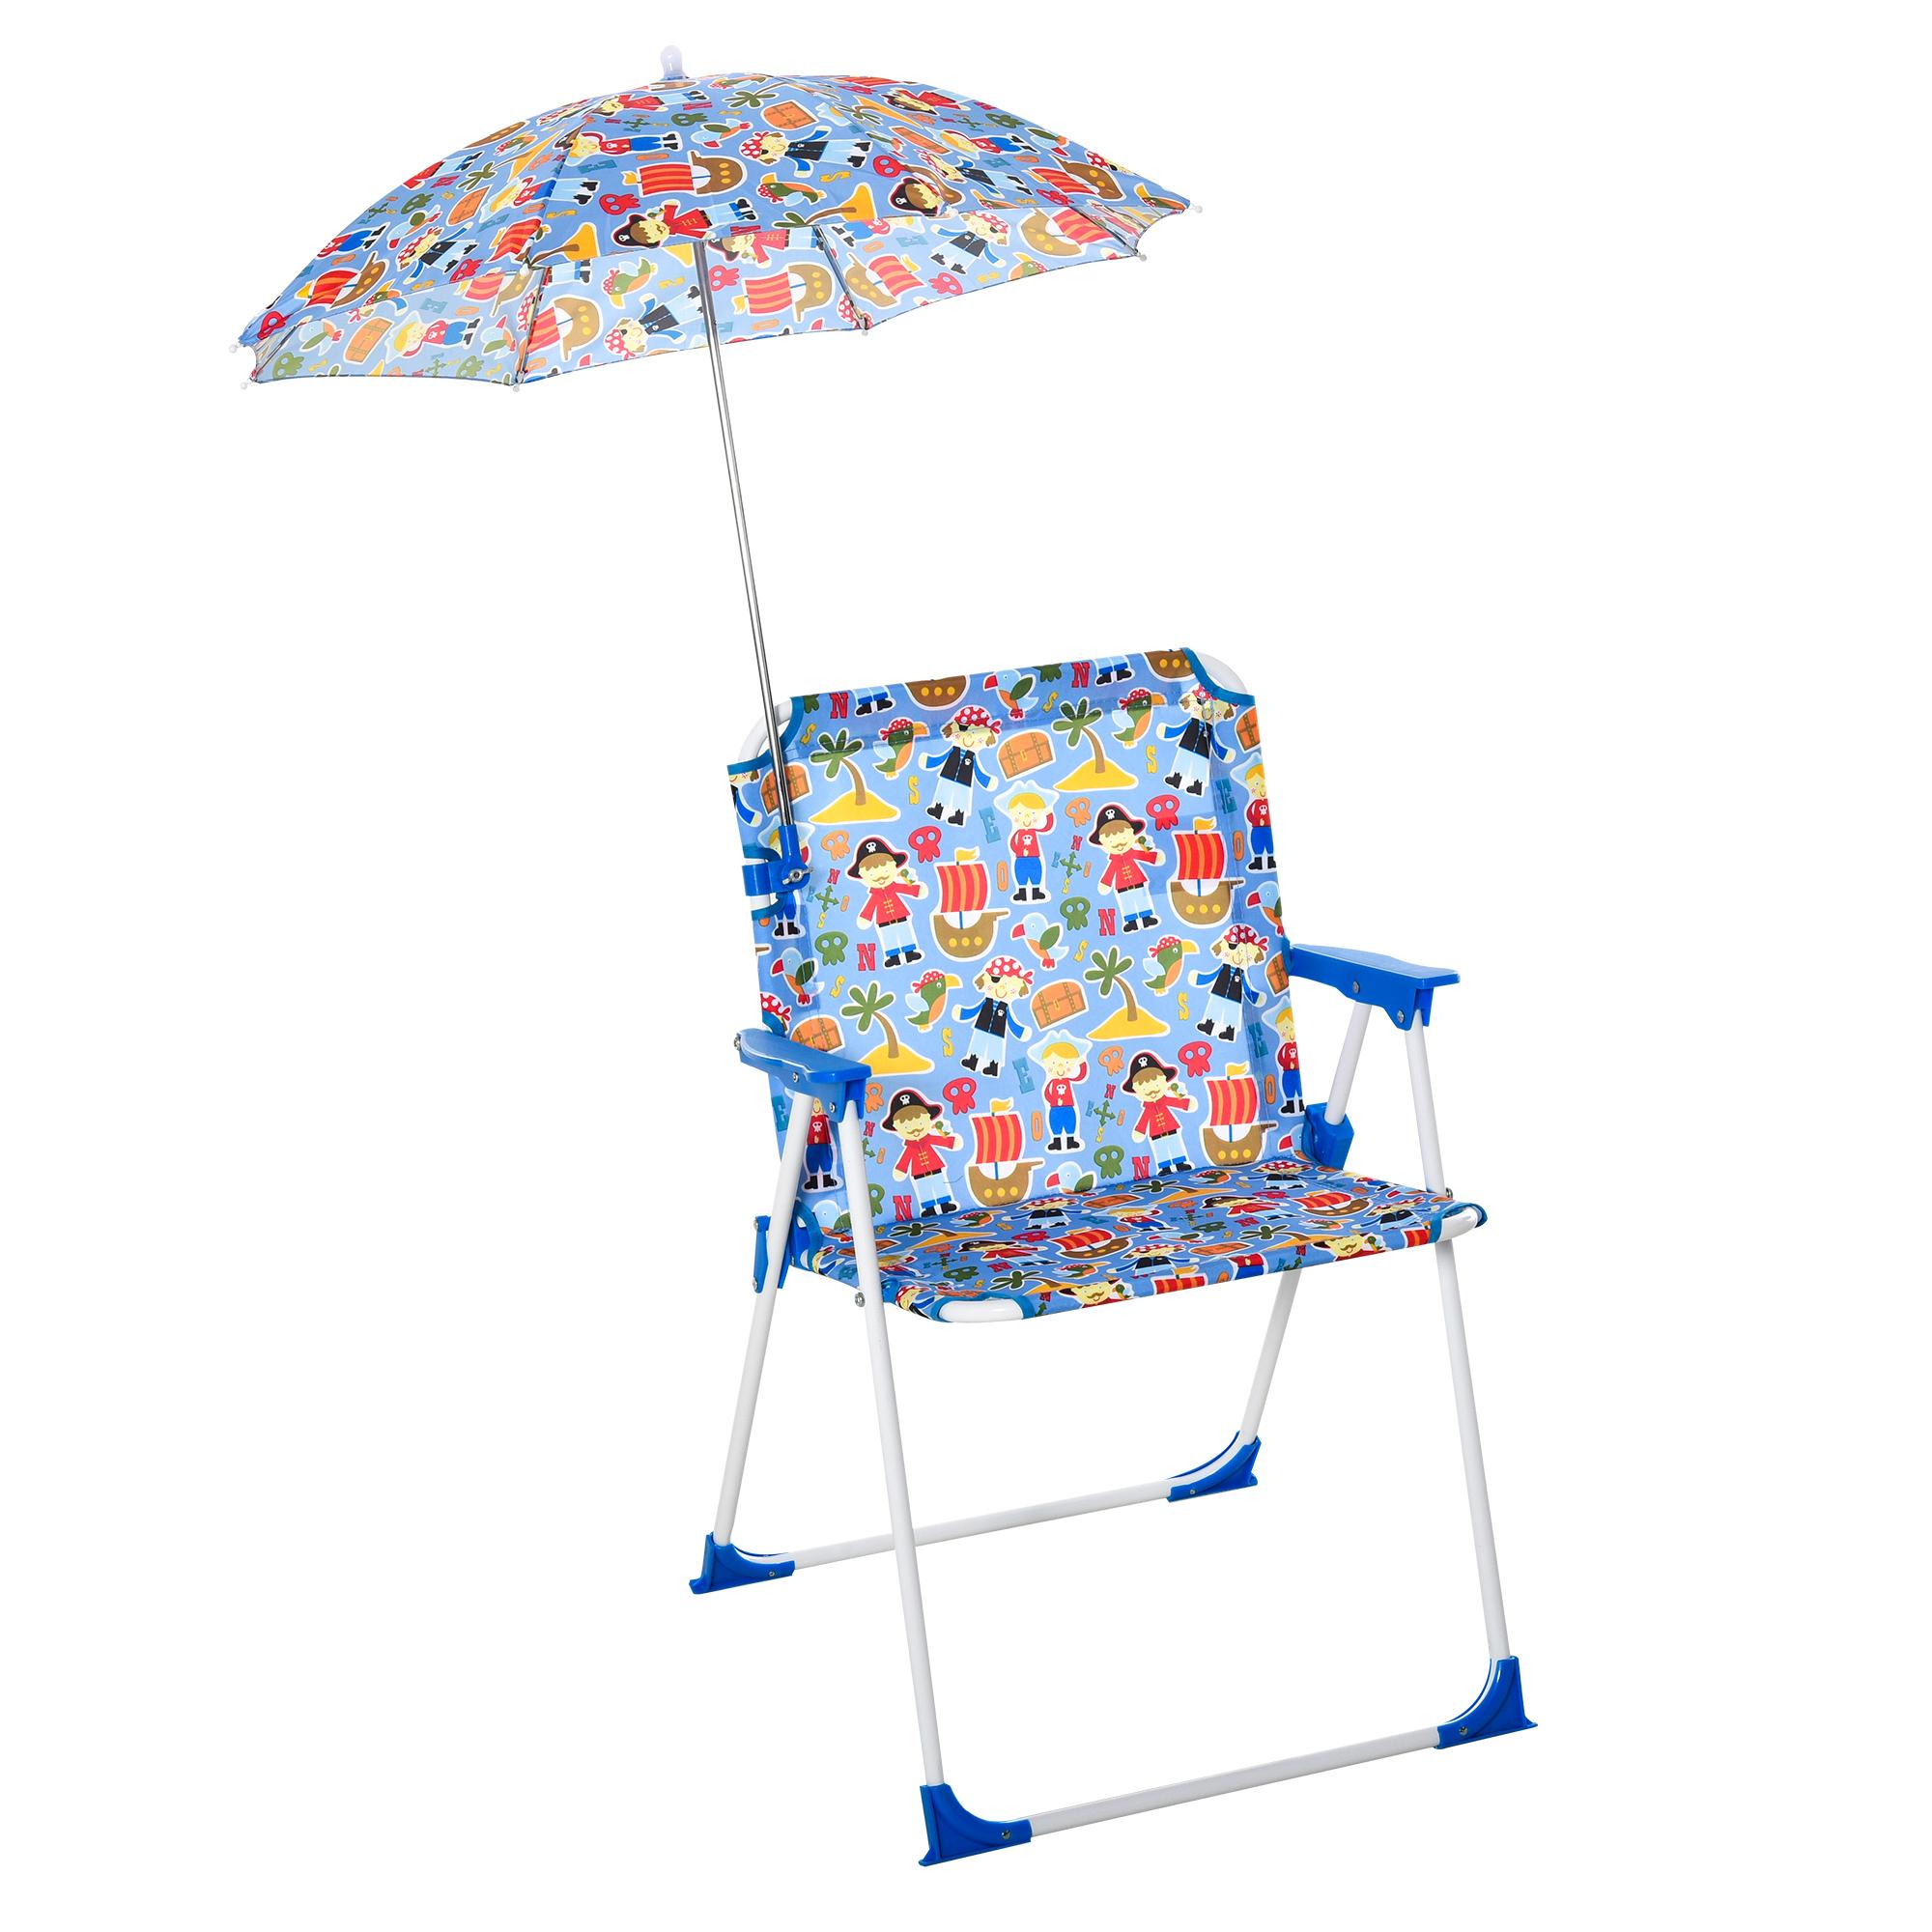 Outsunny Scaun Pliabil pentru Copii cu Umbrela Parasolar pentru Mare si Camping imagine aosom.ro